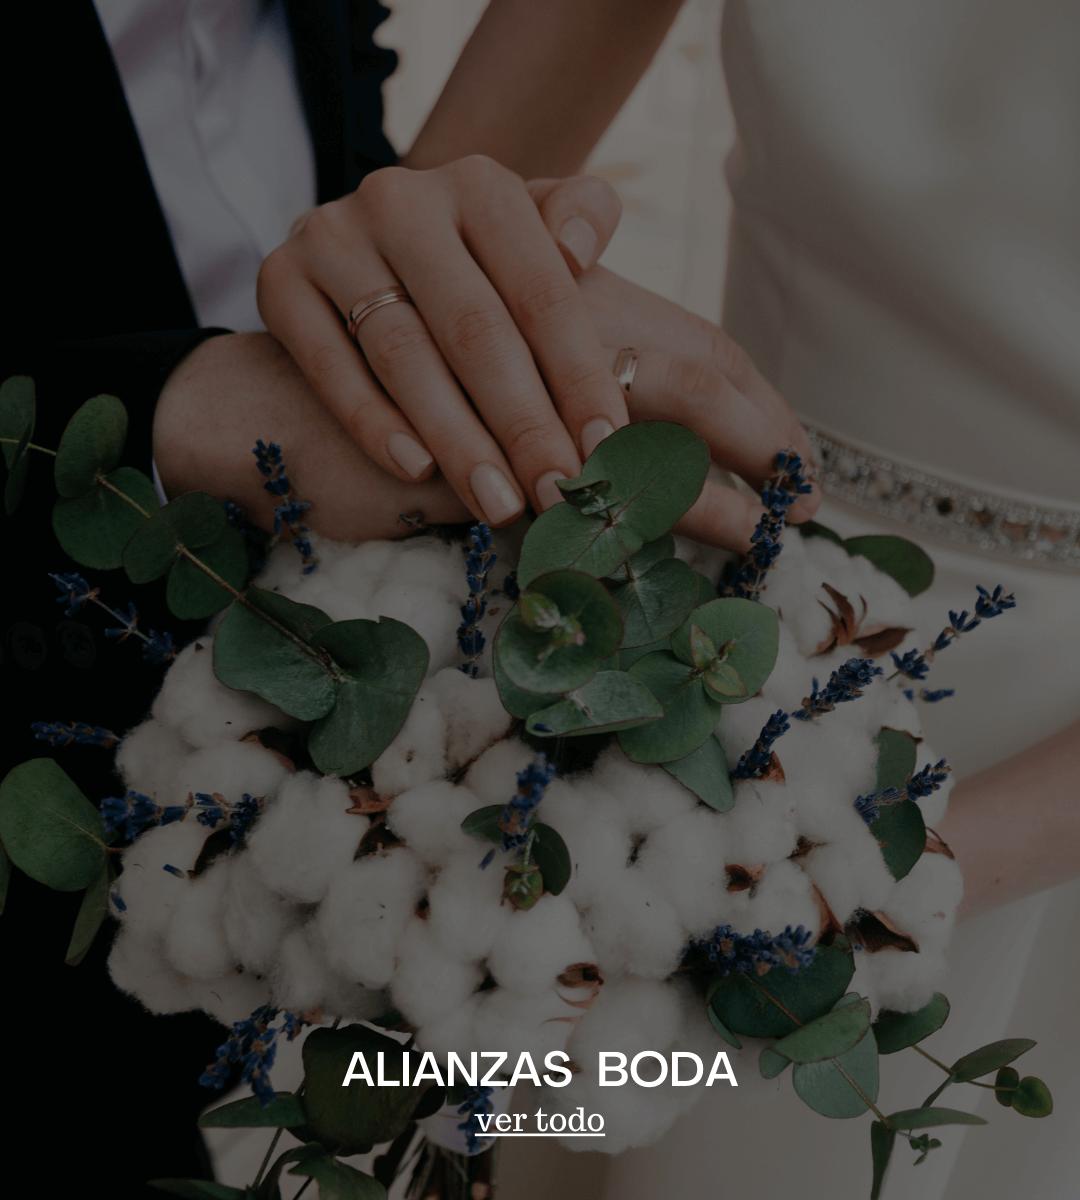 alianzas-boda-general